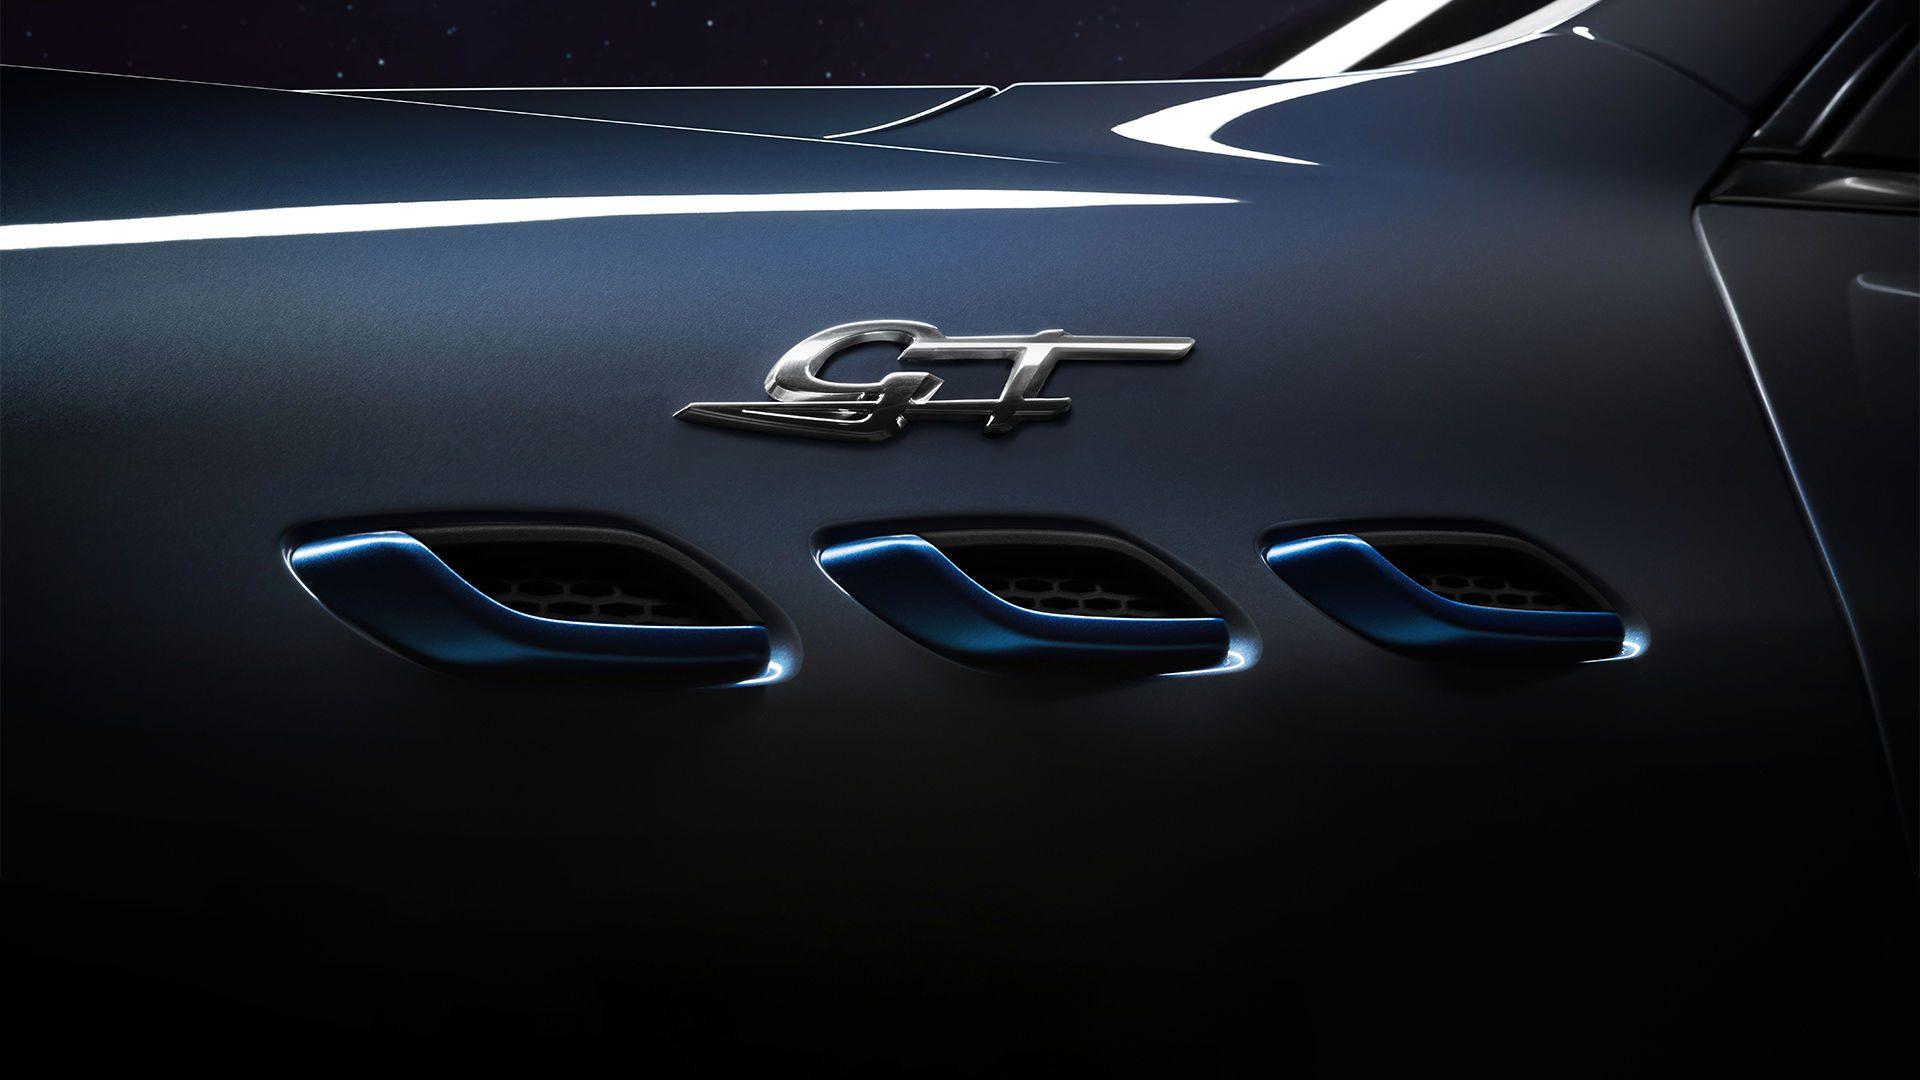 Om de elektrische vonken van de Levante Hybrid uit te lichten, worden de drievoudige luchtroosters 'getroffen' door een vleugje blauw.